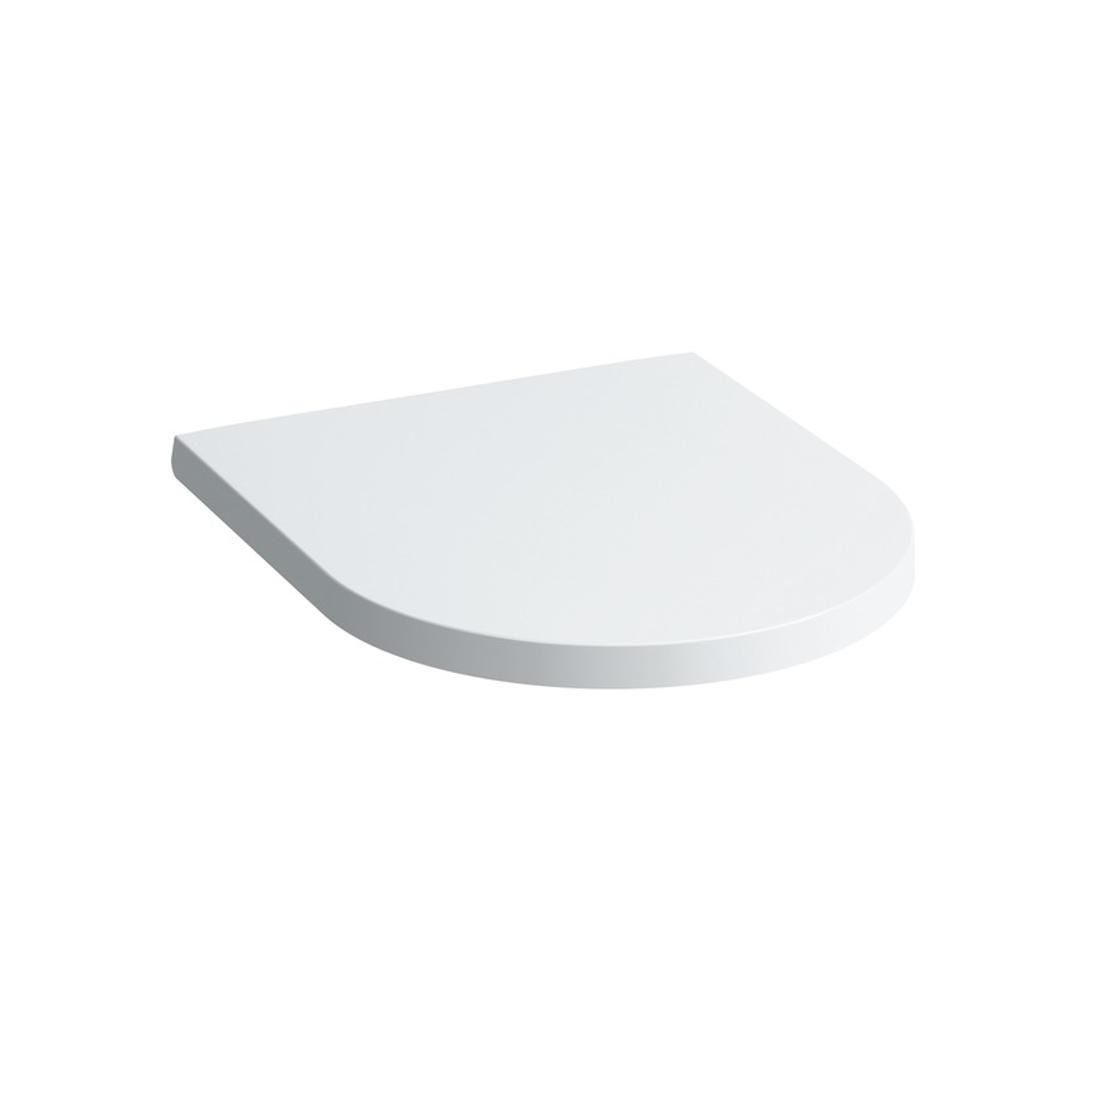 Slika od KARTELL wc daska sa poklopcem bela